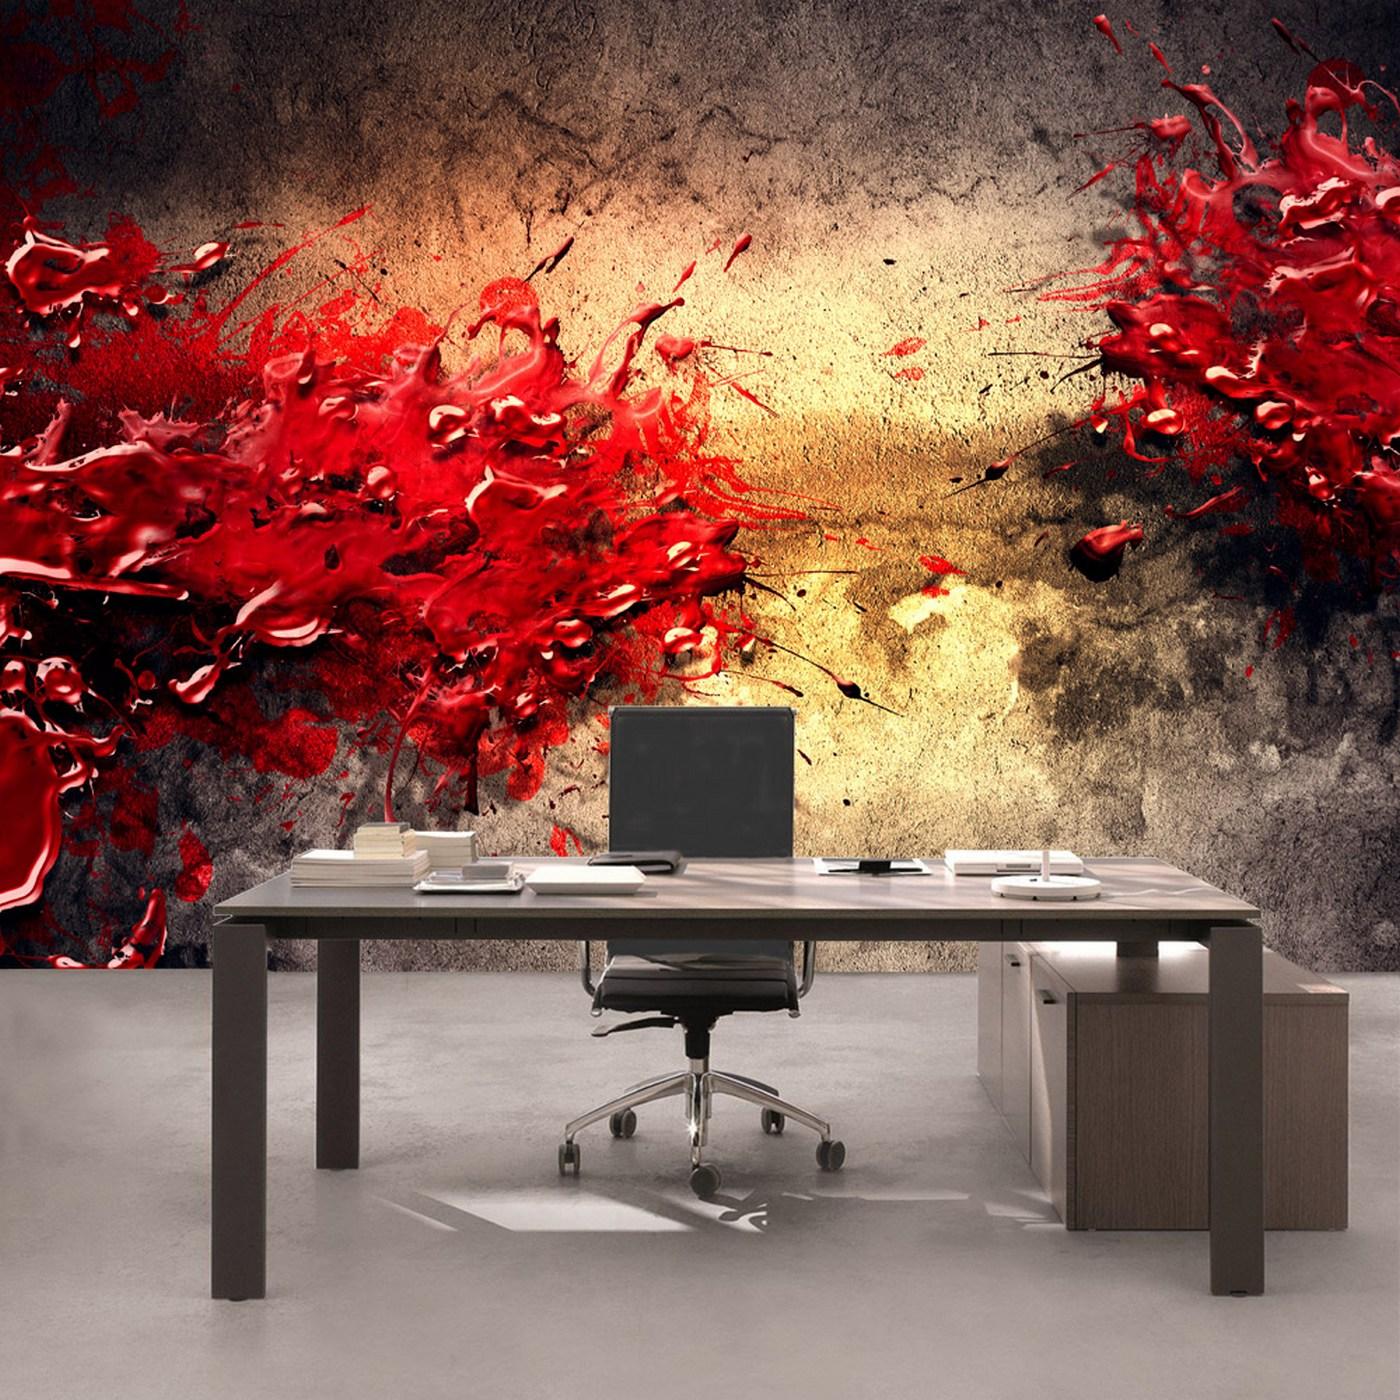 Vlies Fototapete 41   Paint Splatter Wall 3D Tapete Abstrakt 3D Wand Beige  Braun Farbspritzer Rot